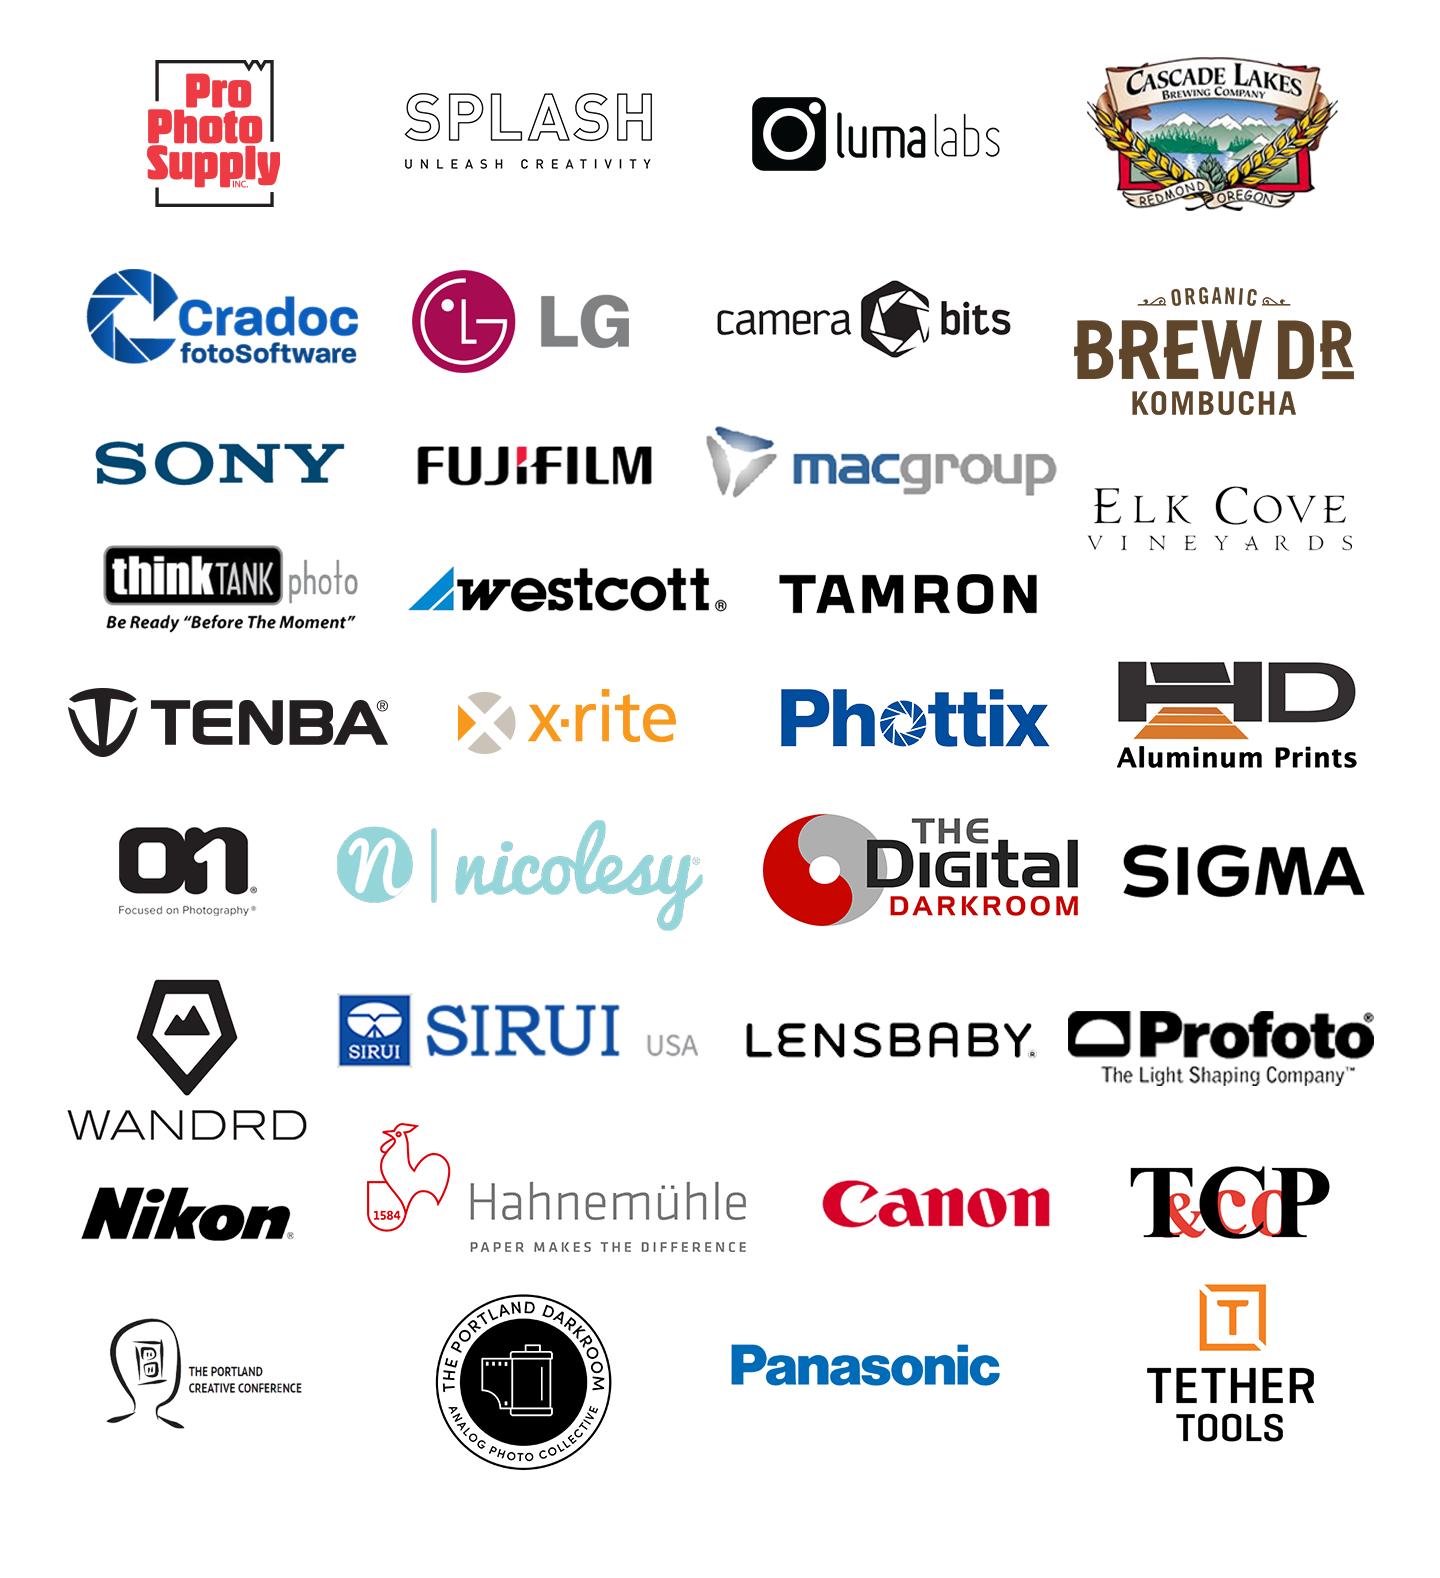 Sponosr logos 2019 v4.png